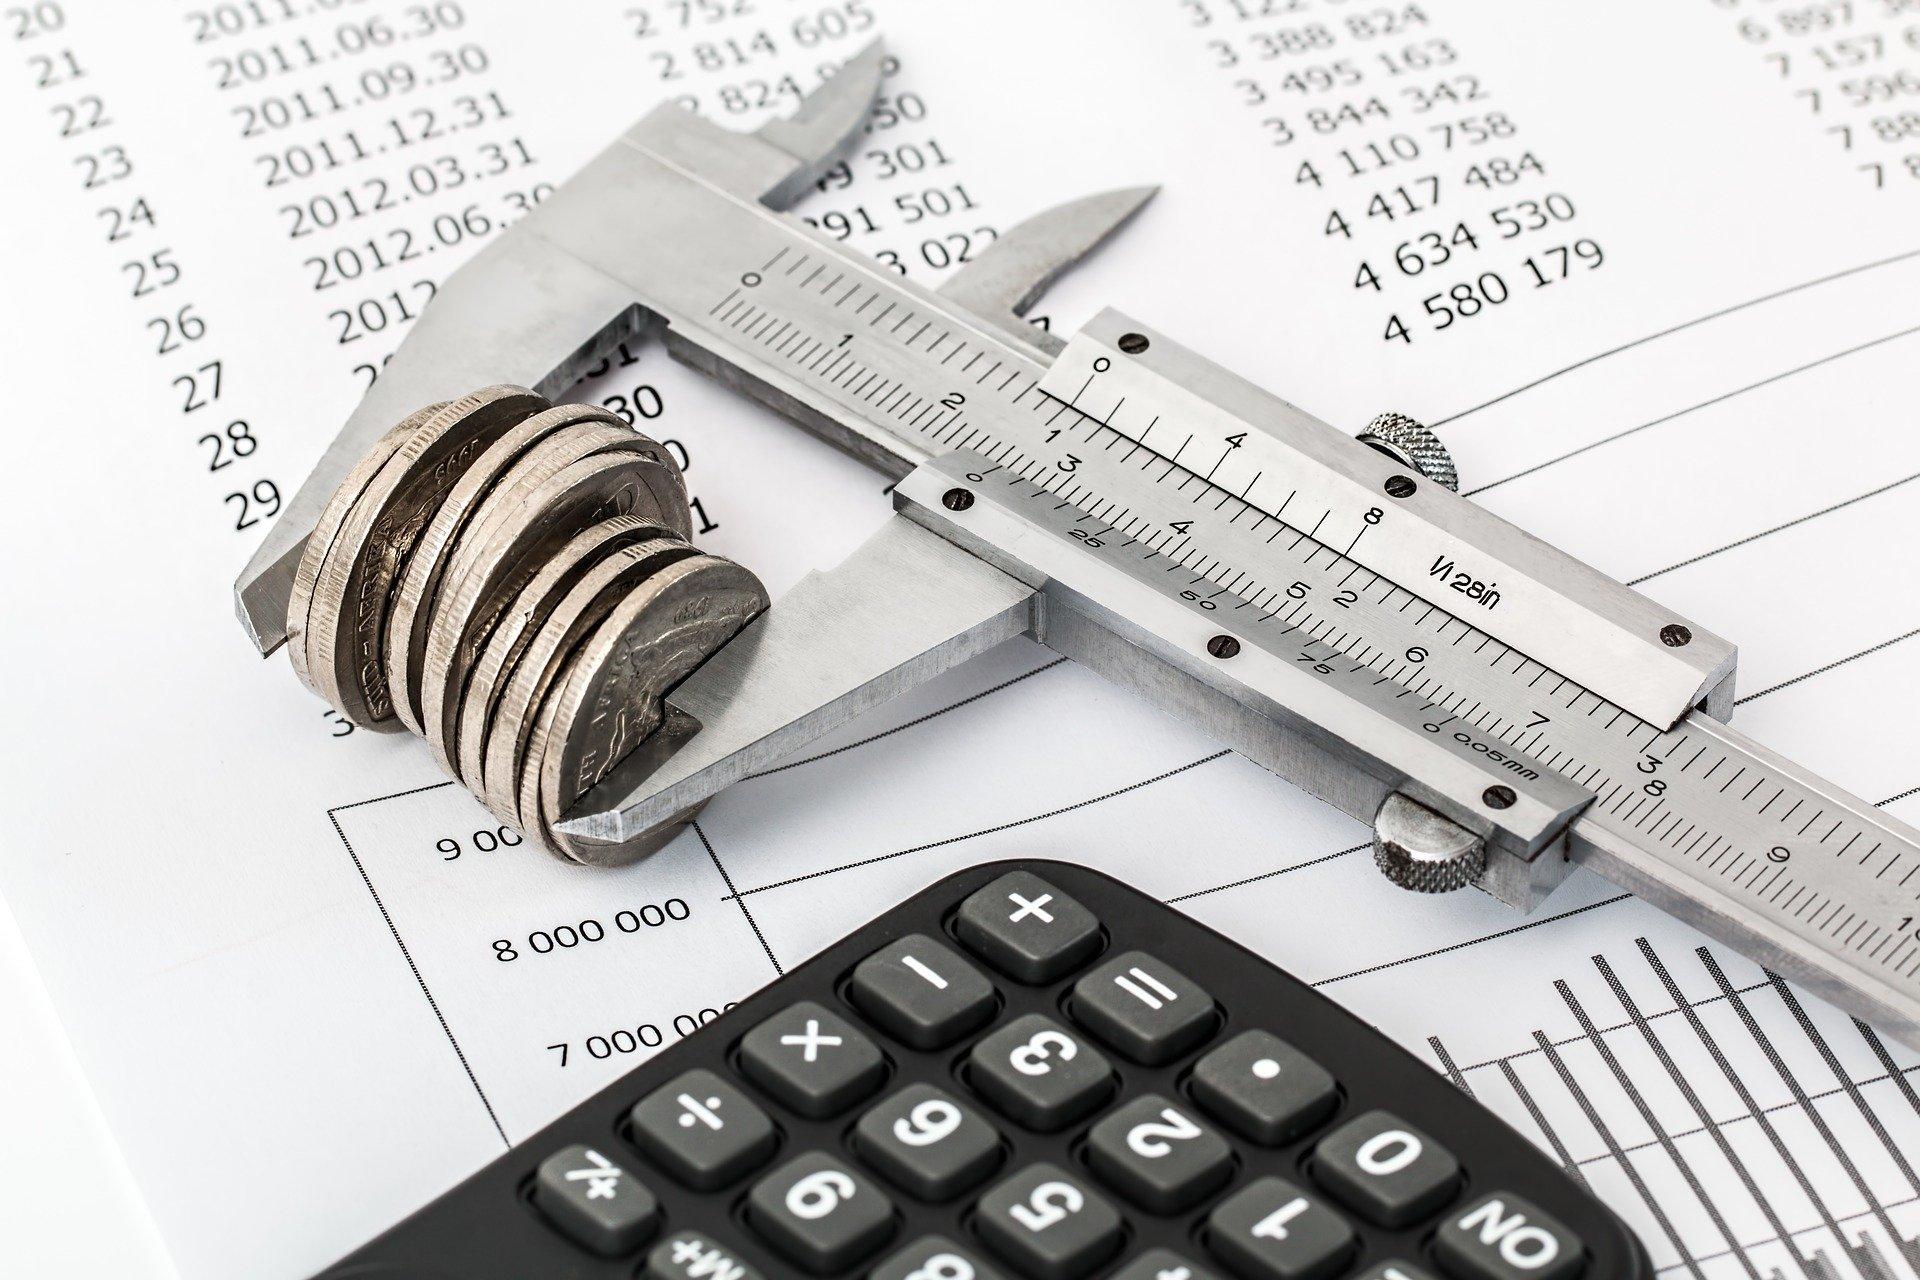 moedas empilhadas e encaixadas em medidor com calculadora ao lado e sobre papéis com números e planilhas